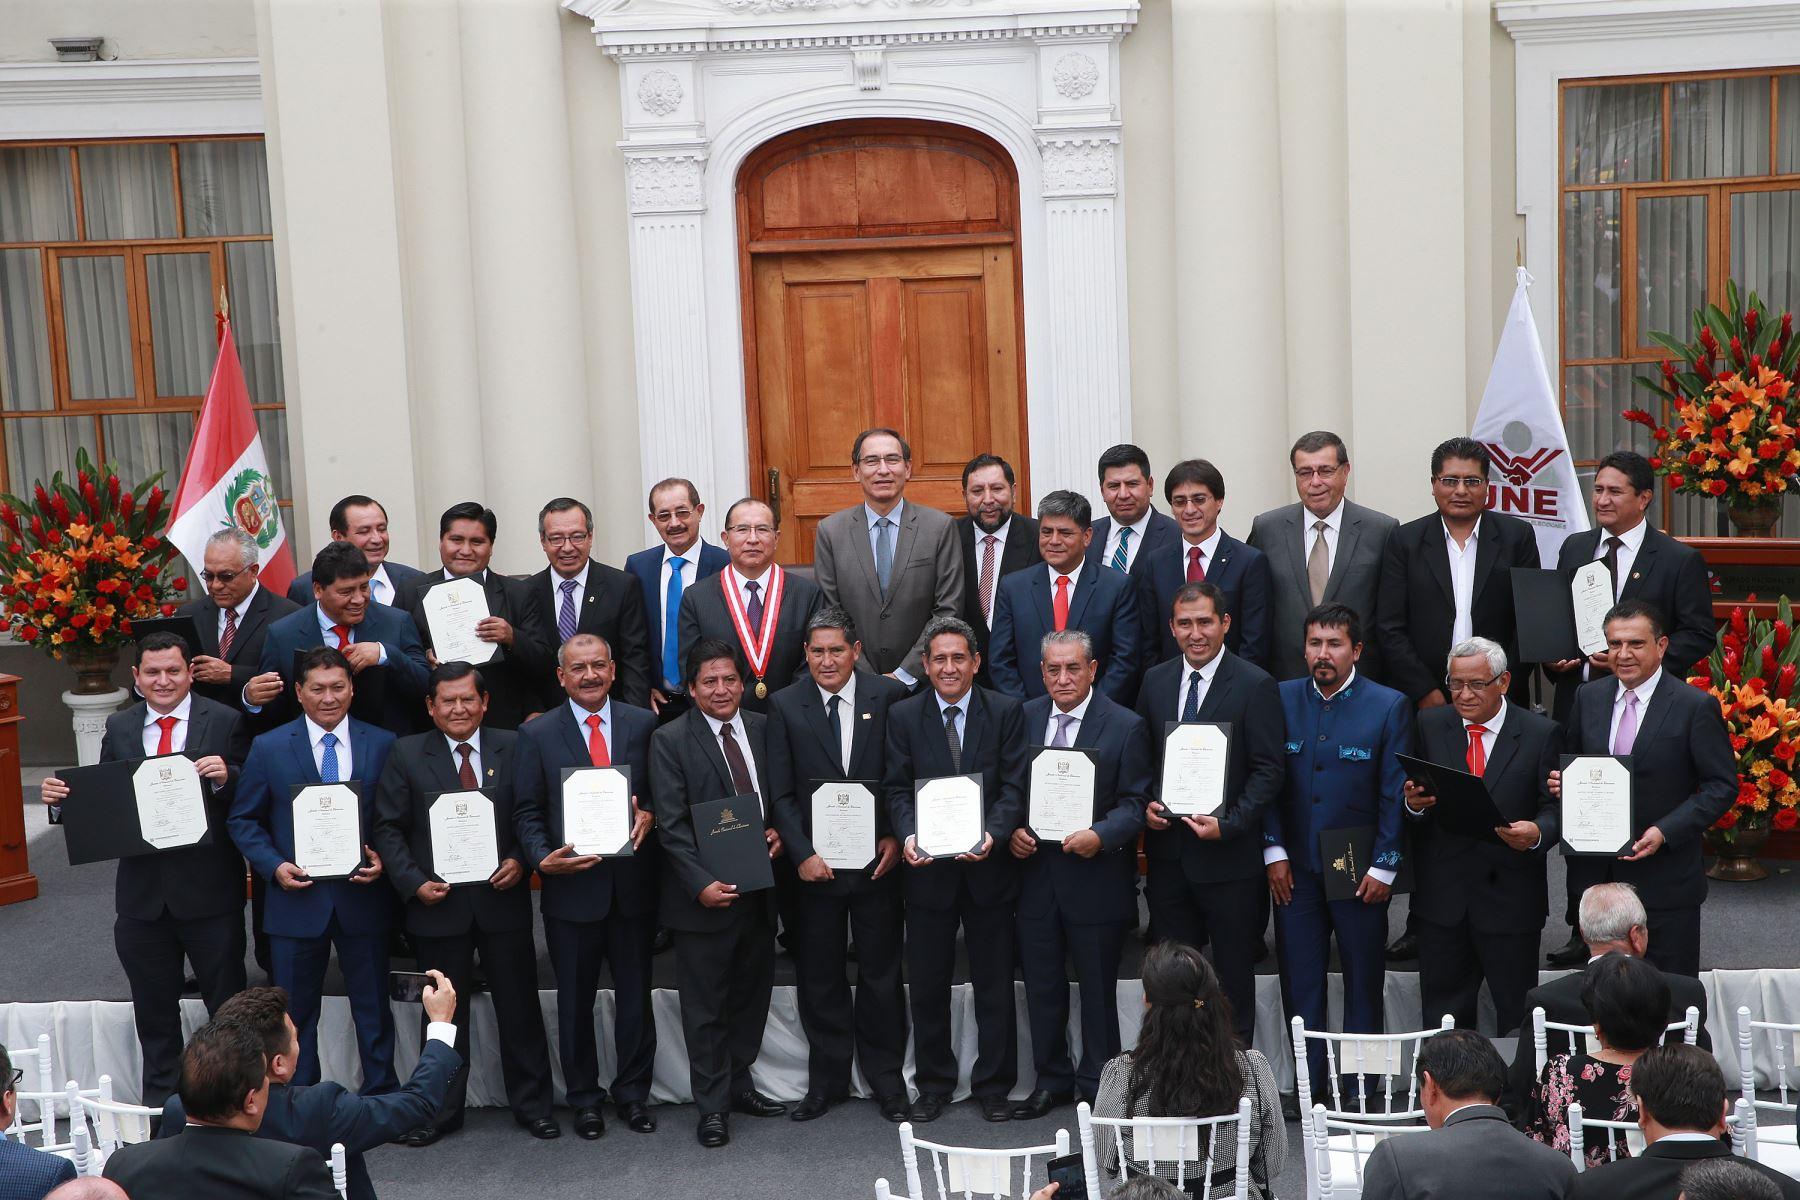 Las 25 regiones del país cuentan desde hoy con nuevos gobernadores regionales, quienes fueron elegidos para el período 2019-2022. ANDINA/Norman Córdova